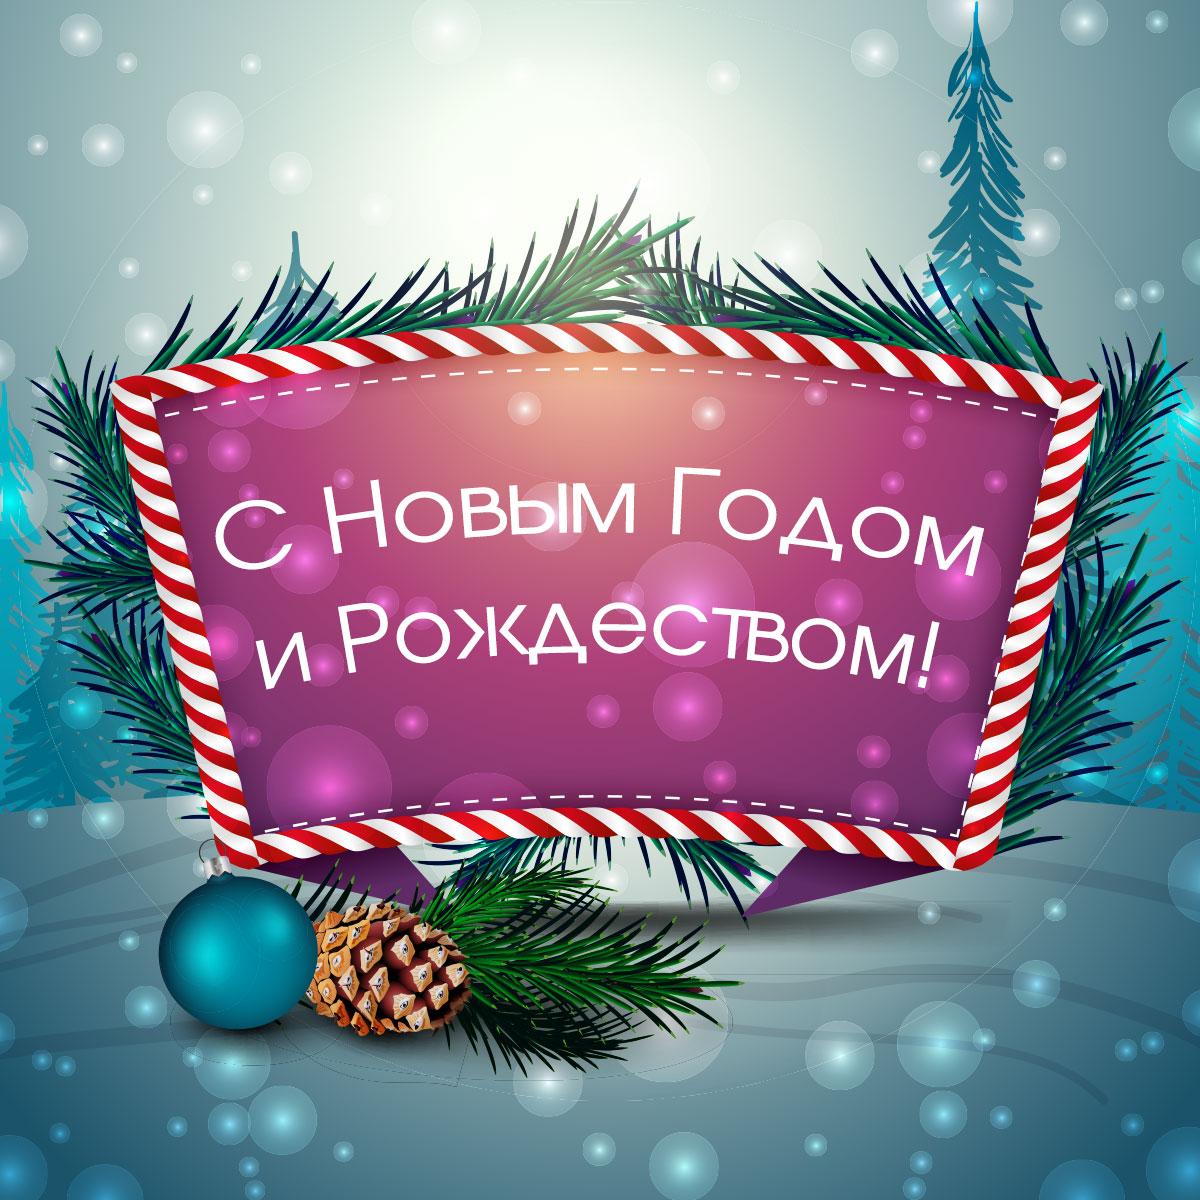 Картинка с текстом на рождественские открытки на фоне пурпурной вывески на фоне ёлки на голубом фоне.